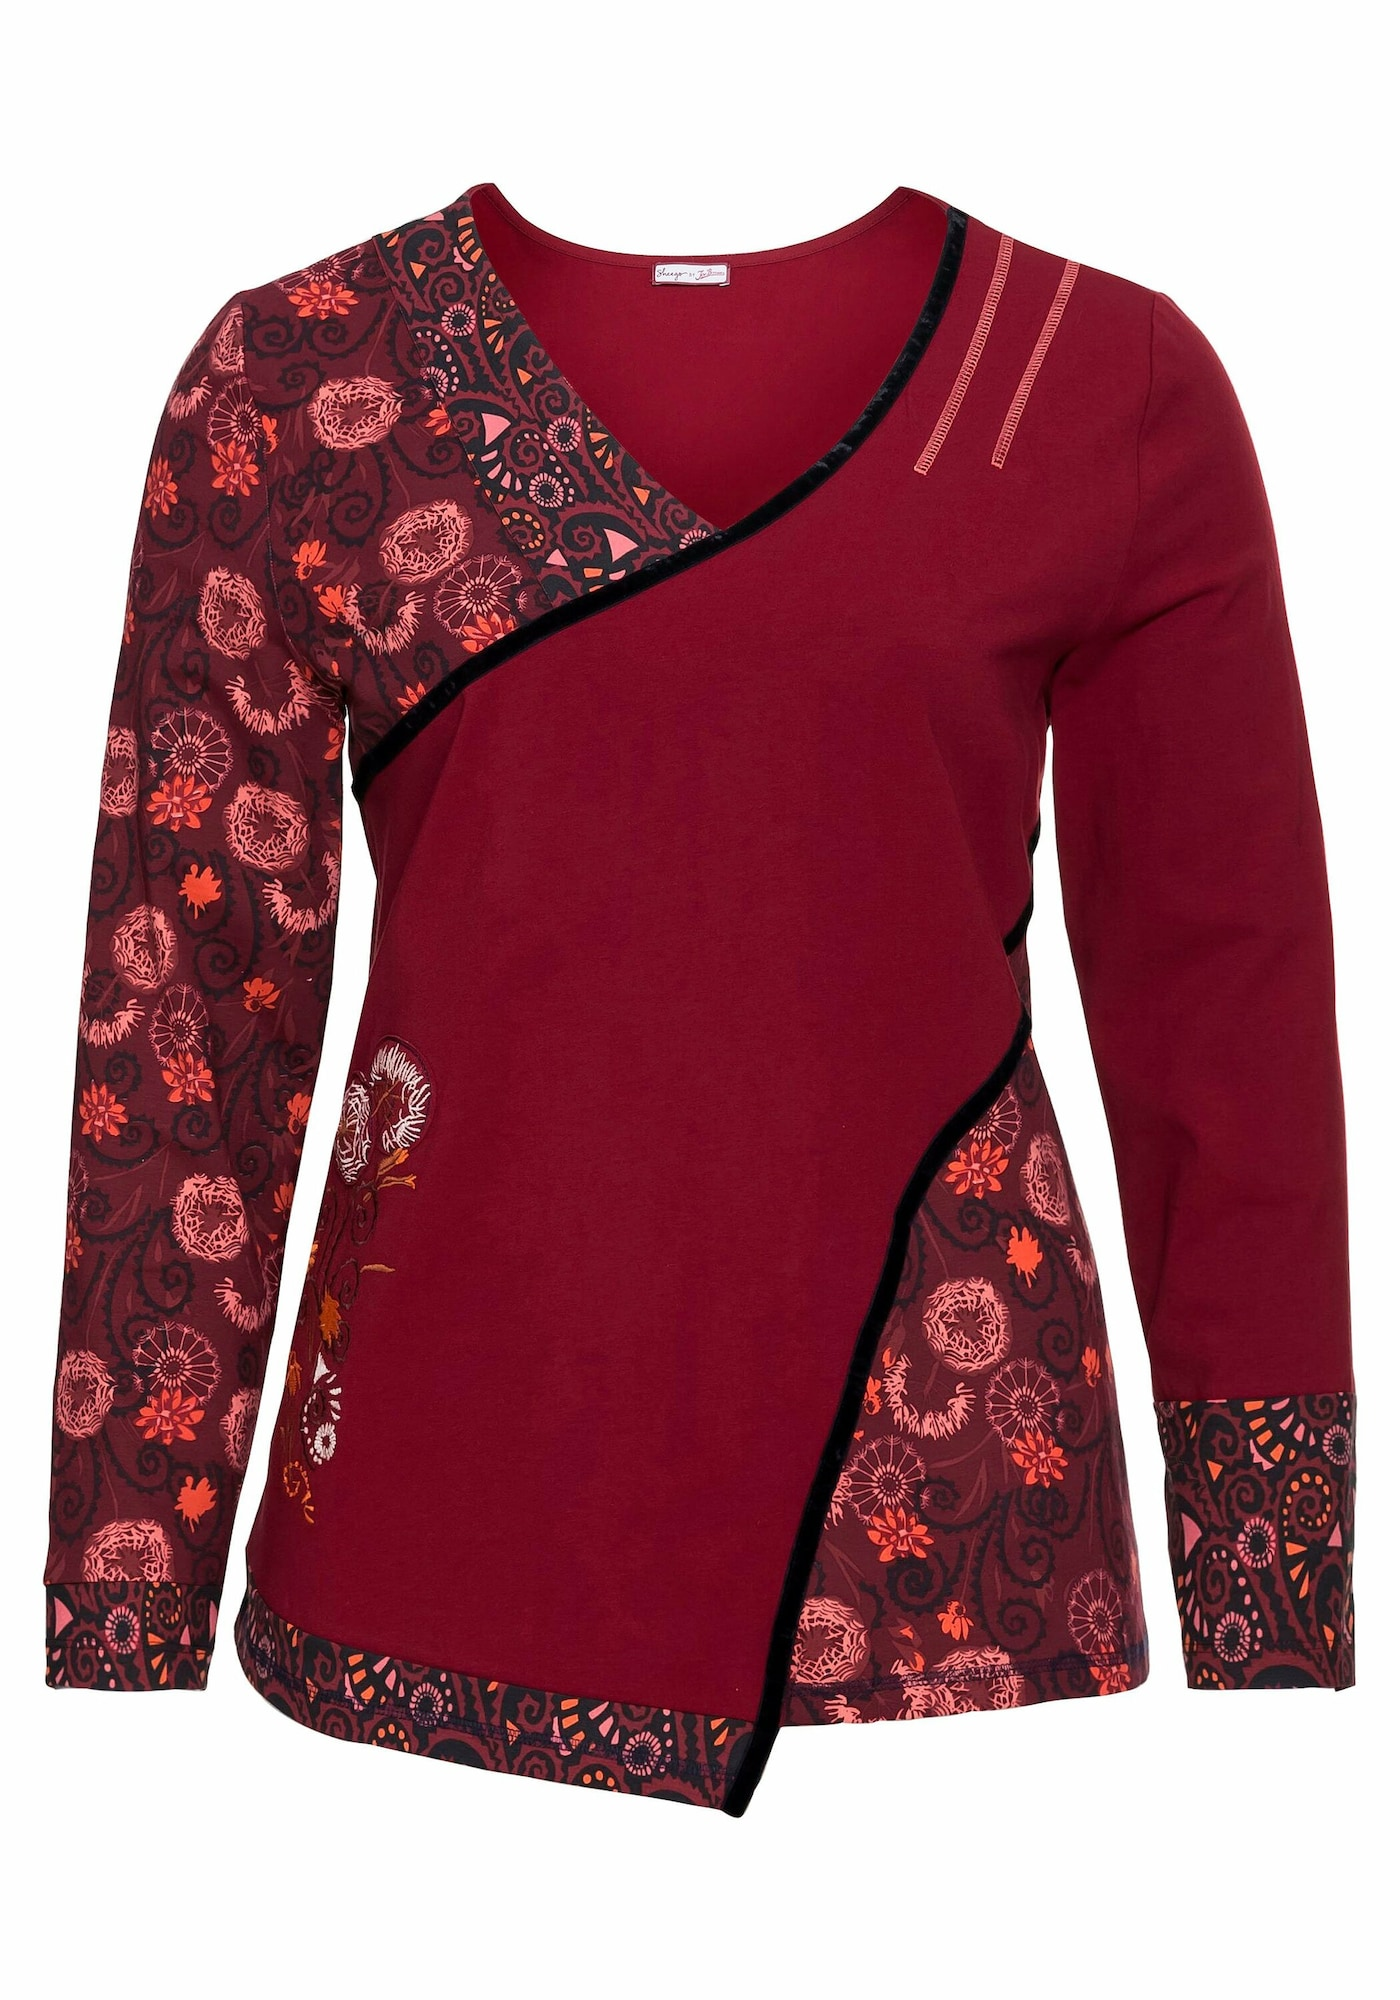 sheego by Joe Browns Marškinėliai rubinų raudona